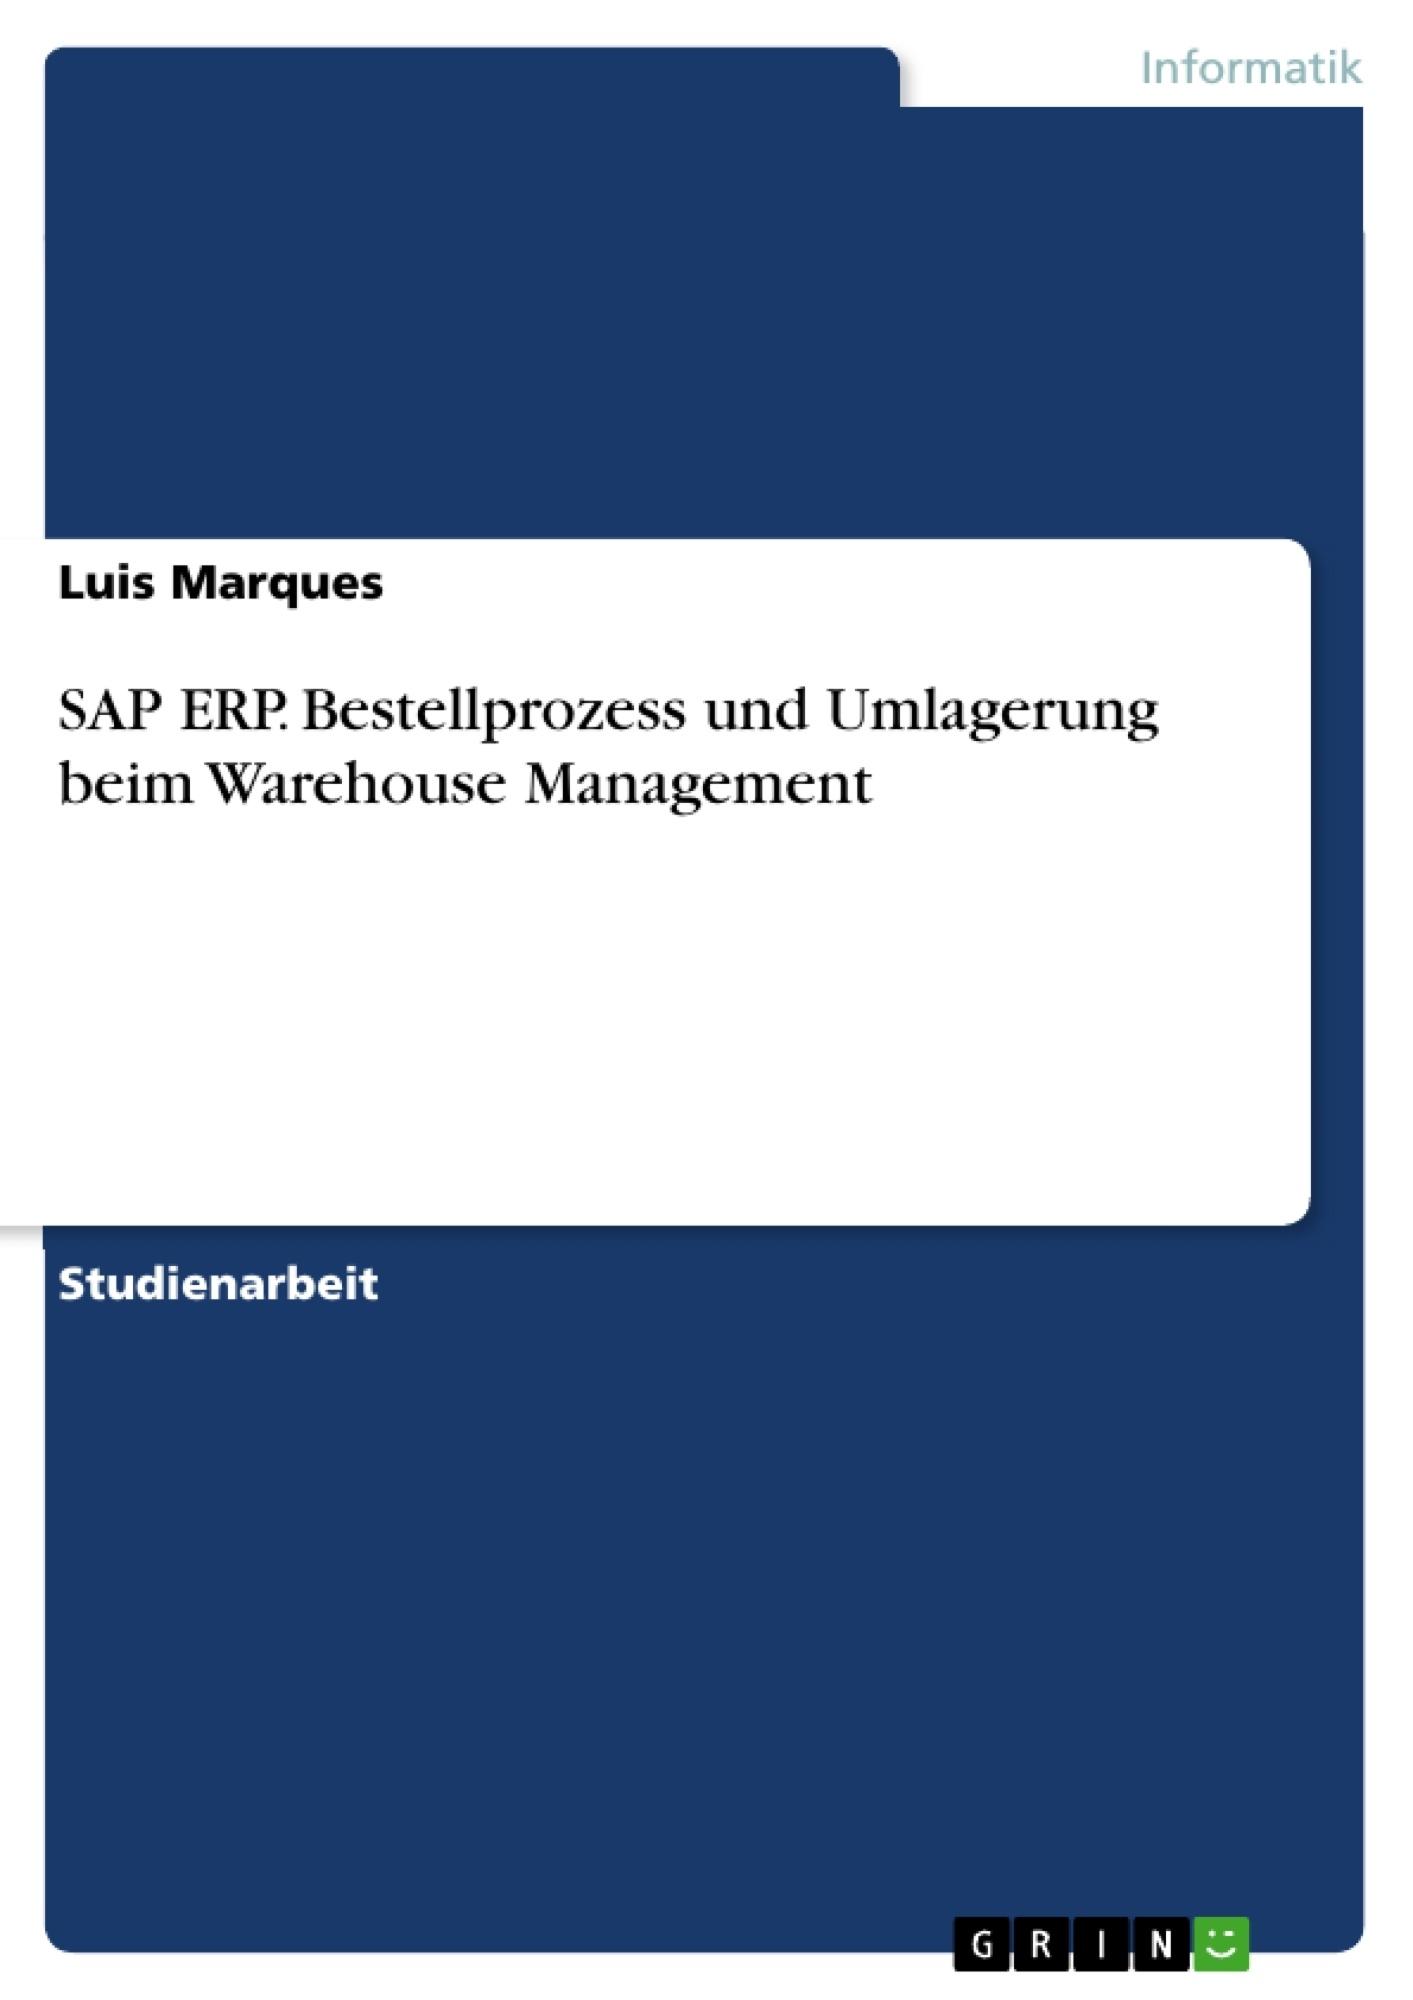 Titel: SAP ERP. Bestellprozess und Umlagerung beim Warehouse Management